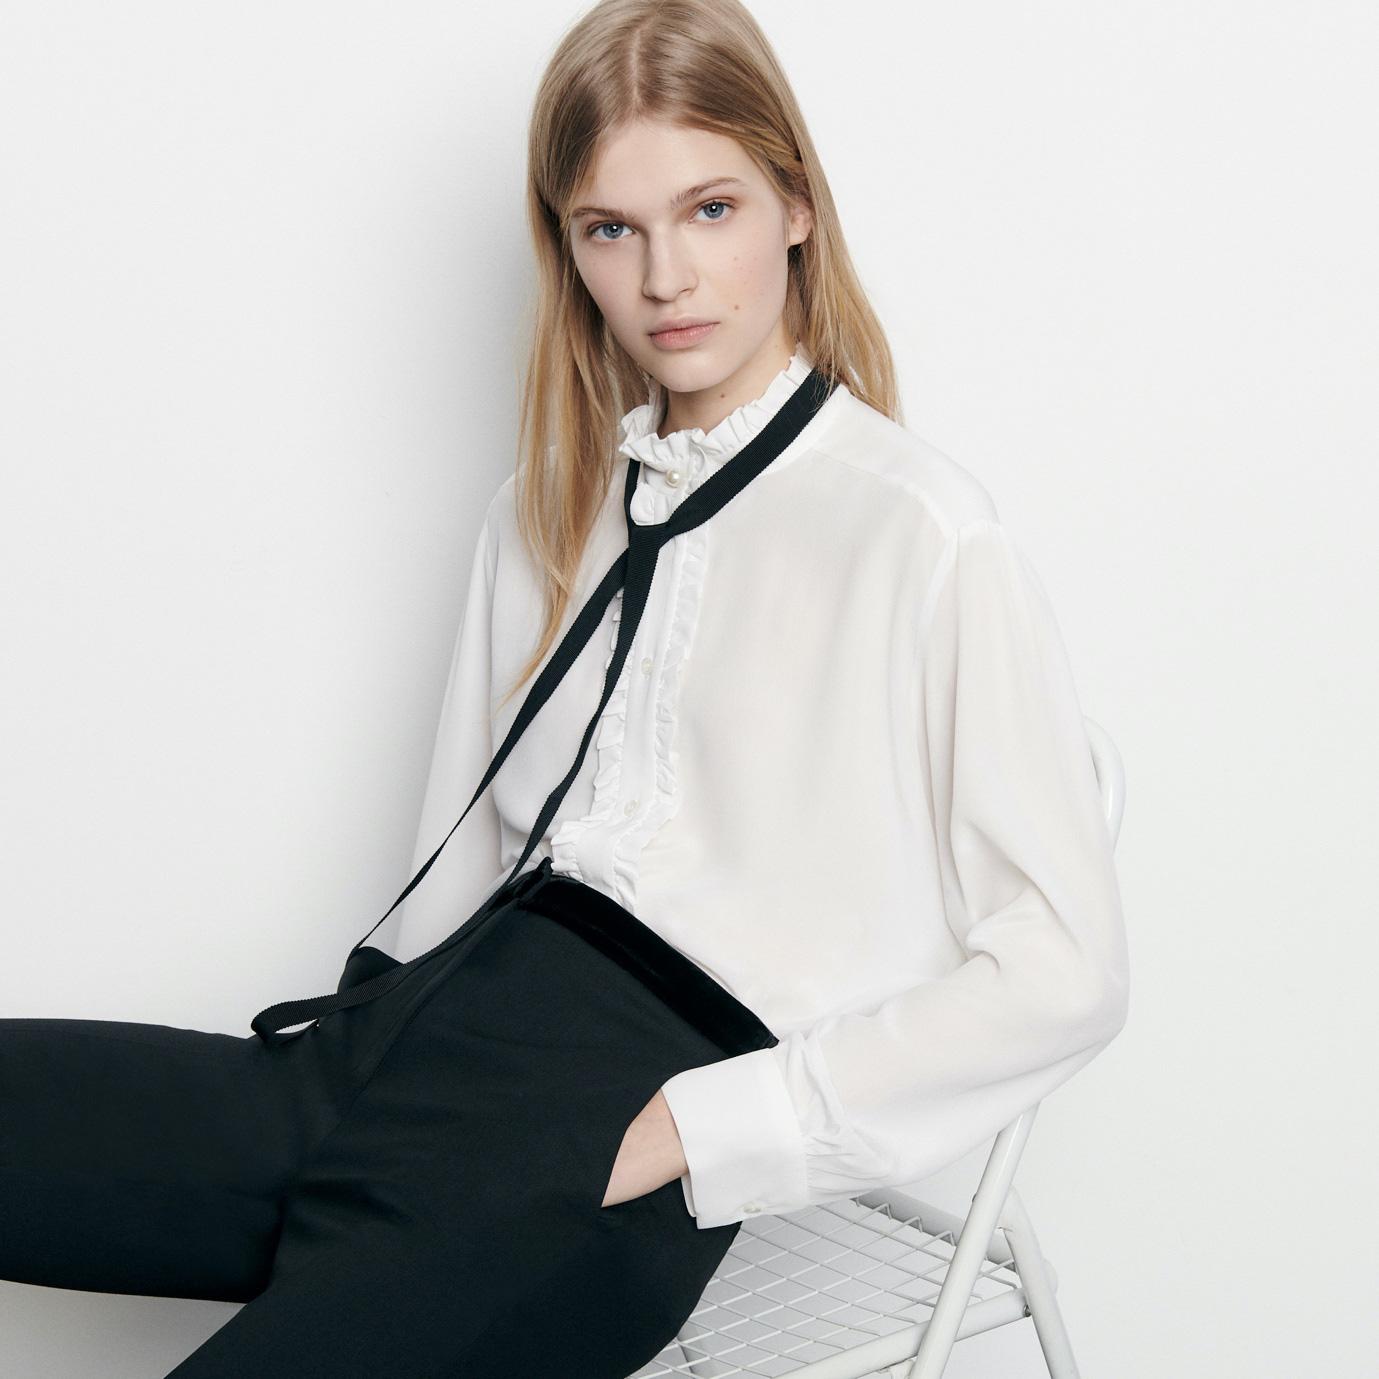 Muốn biết người Paris mặc gì, hãy copycat ngay phong cách của Sandro - Ảnh 2.